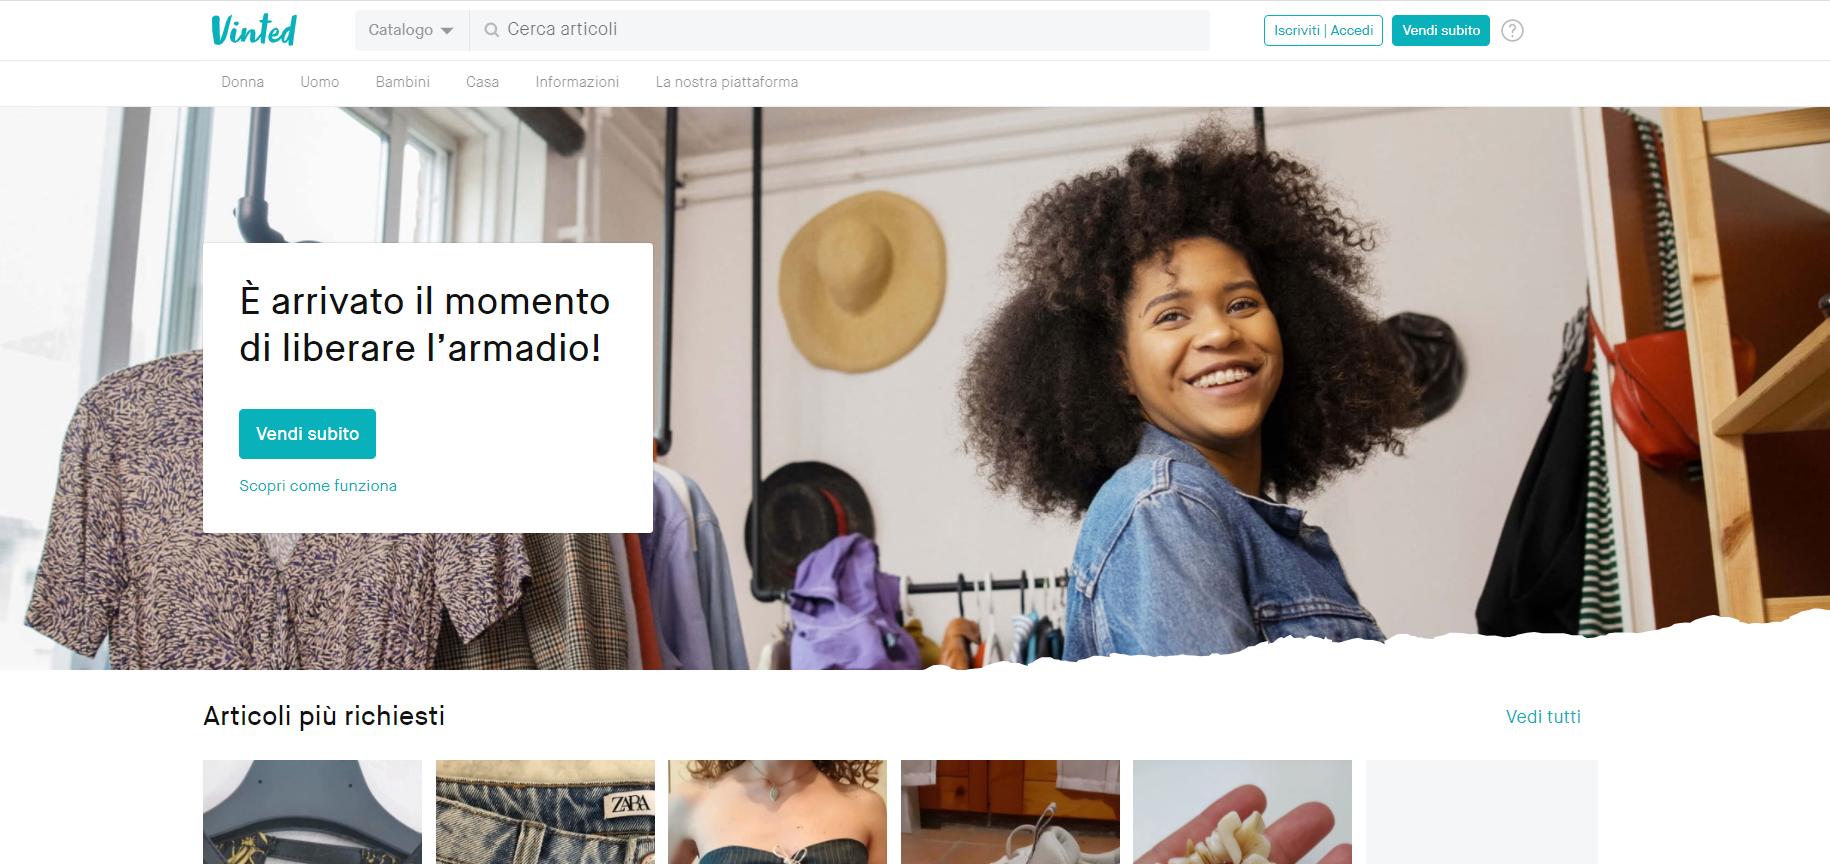 Vinted: sito per vendere online abbigliamento